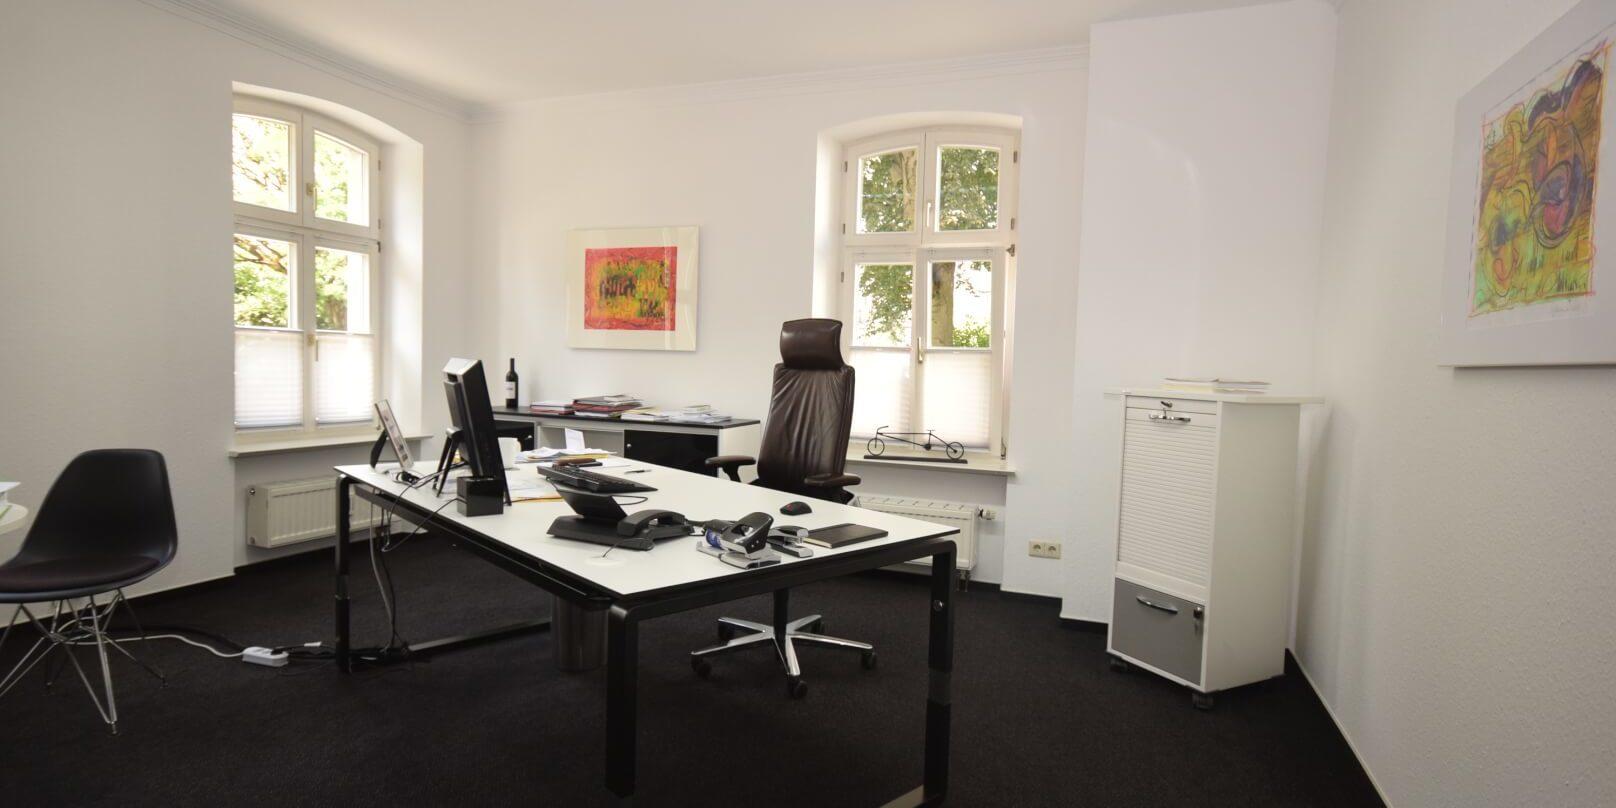 Büro der Immobilie. Verkauft durch Immobilienmakler Sterk aus Ravensburg